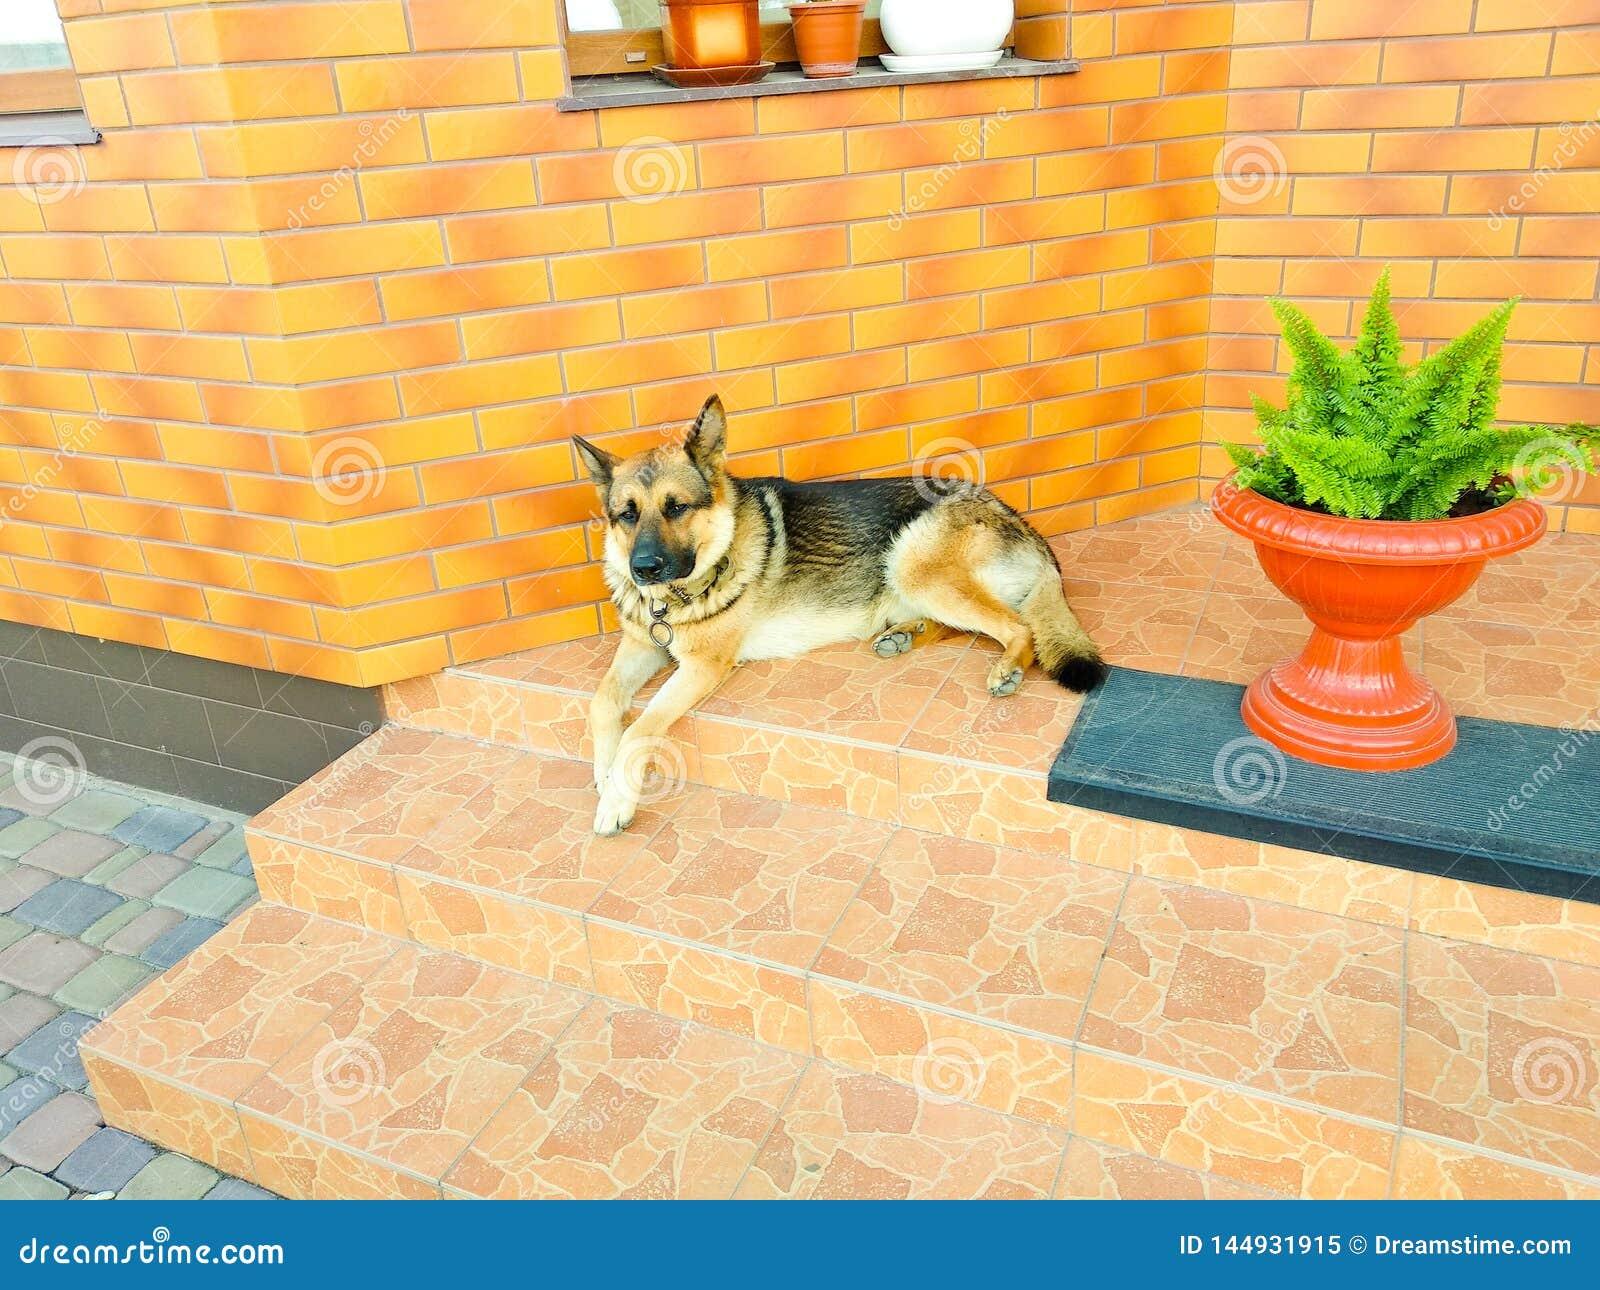 Το γερμανικό σκυλί ποιμένων που βρίσκεται στα σκαλοπάτια φρουρεί ένα